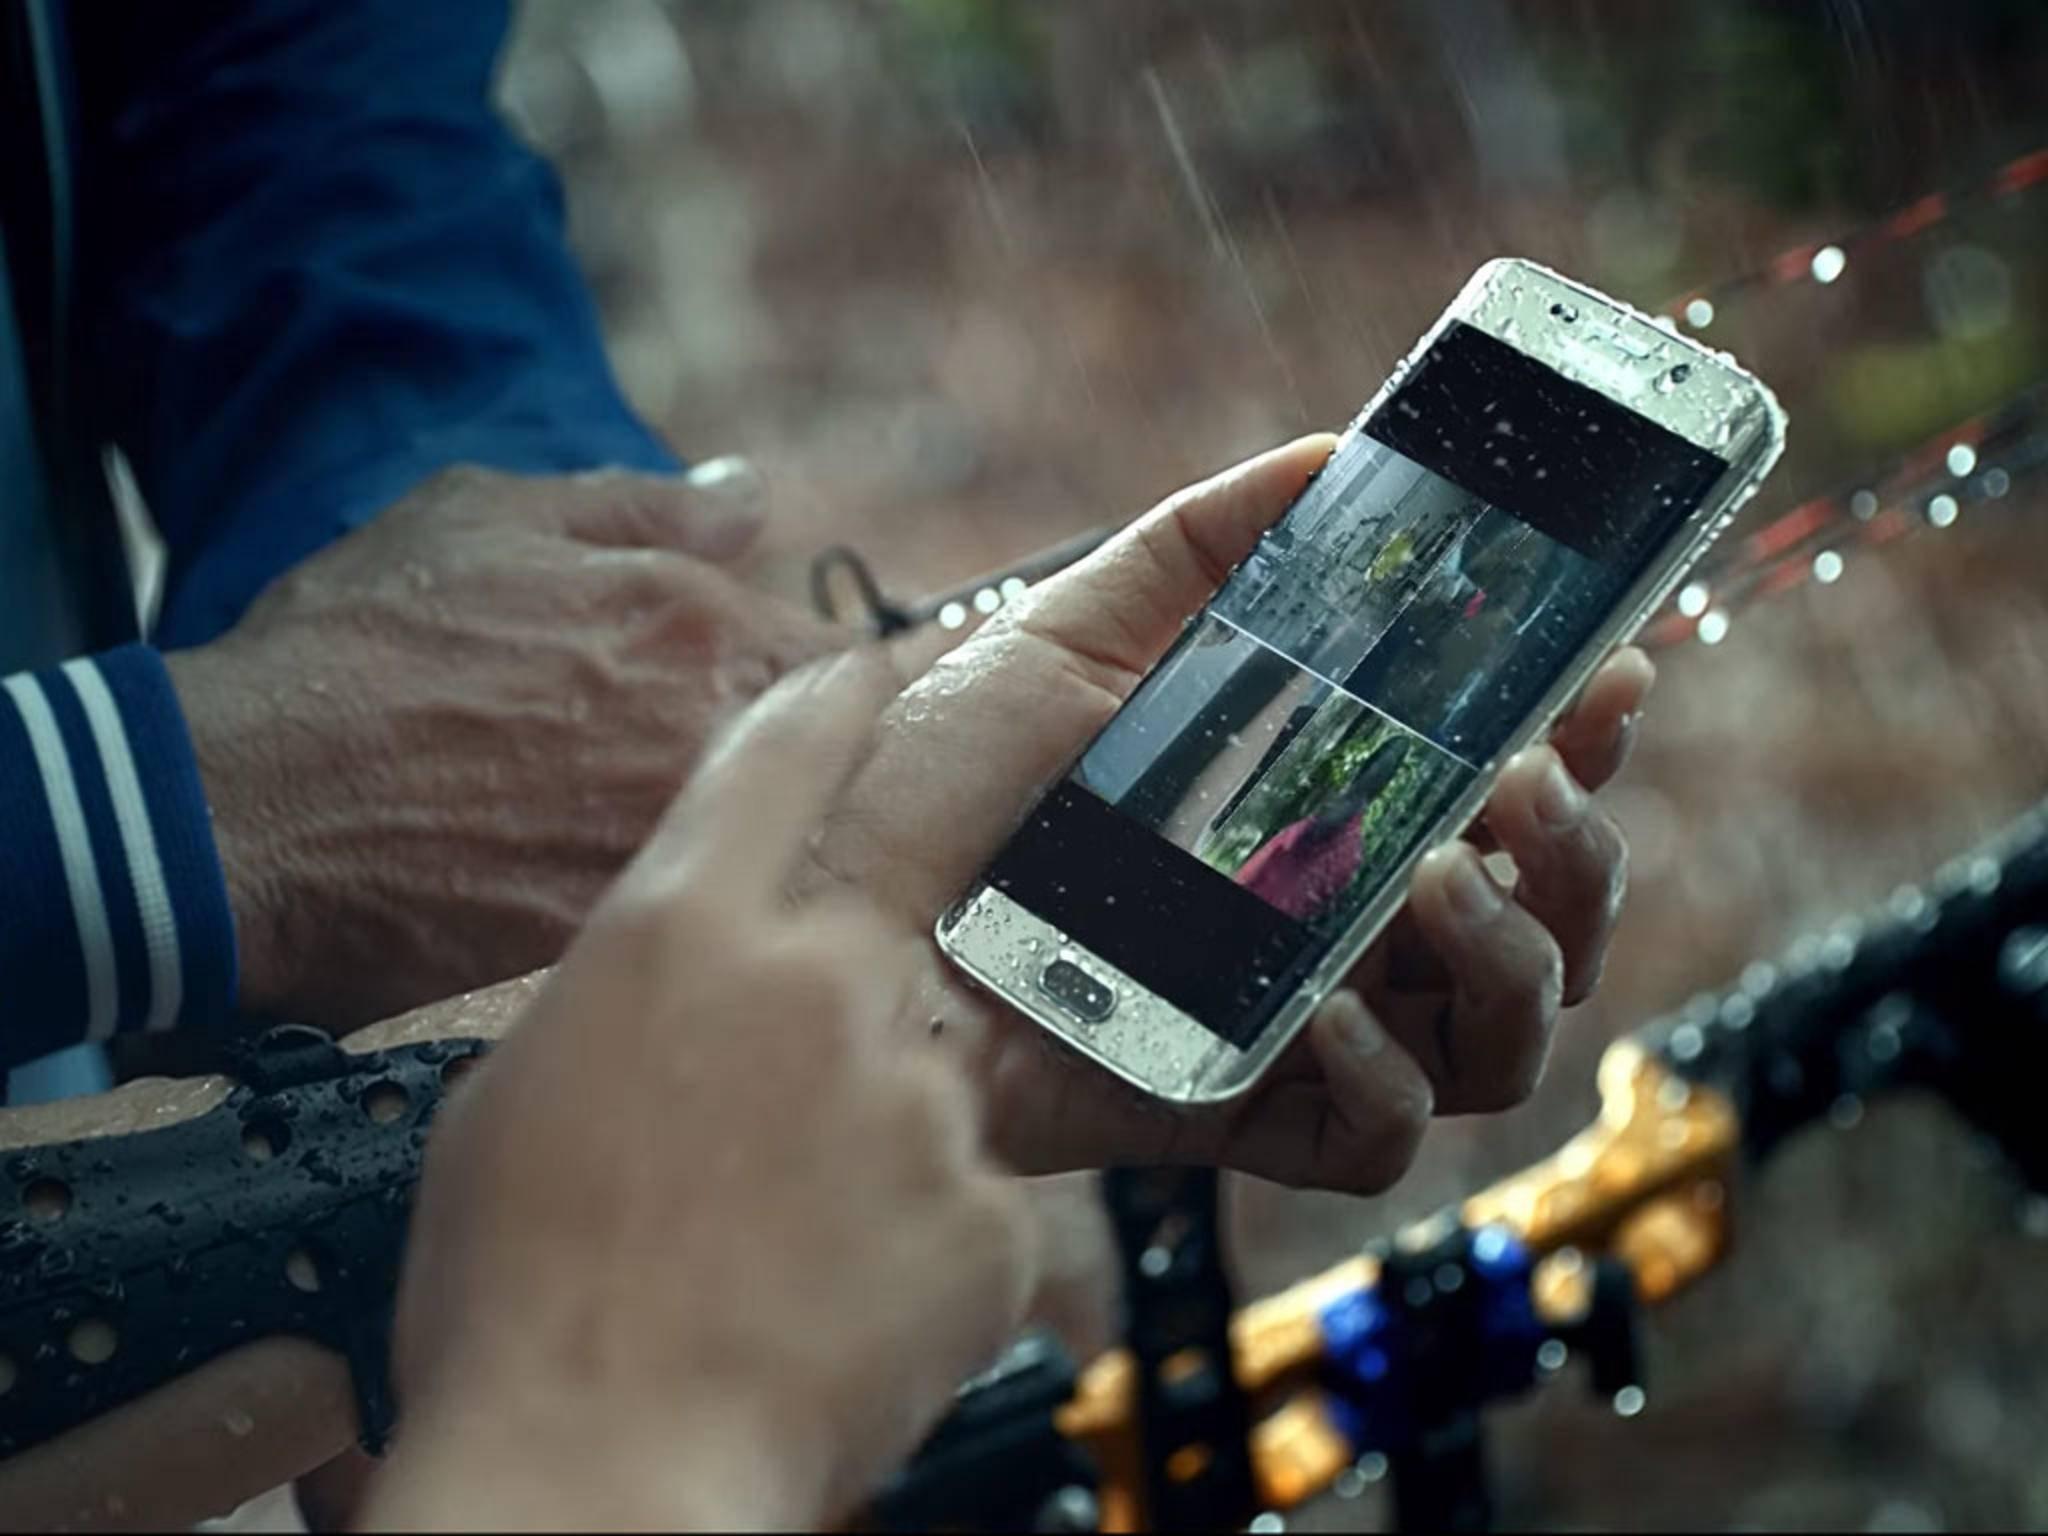 Beim Galaxy S7 ist recht viel interner Speicher anfangs schon belegt.